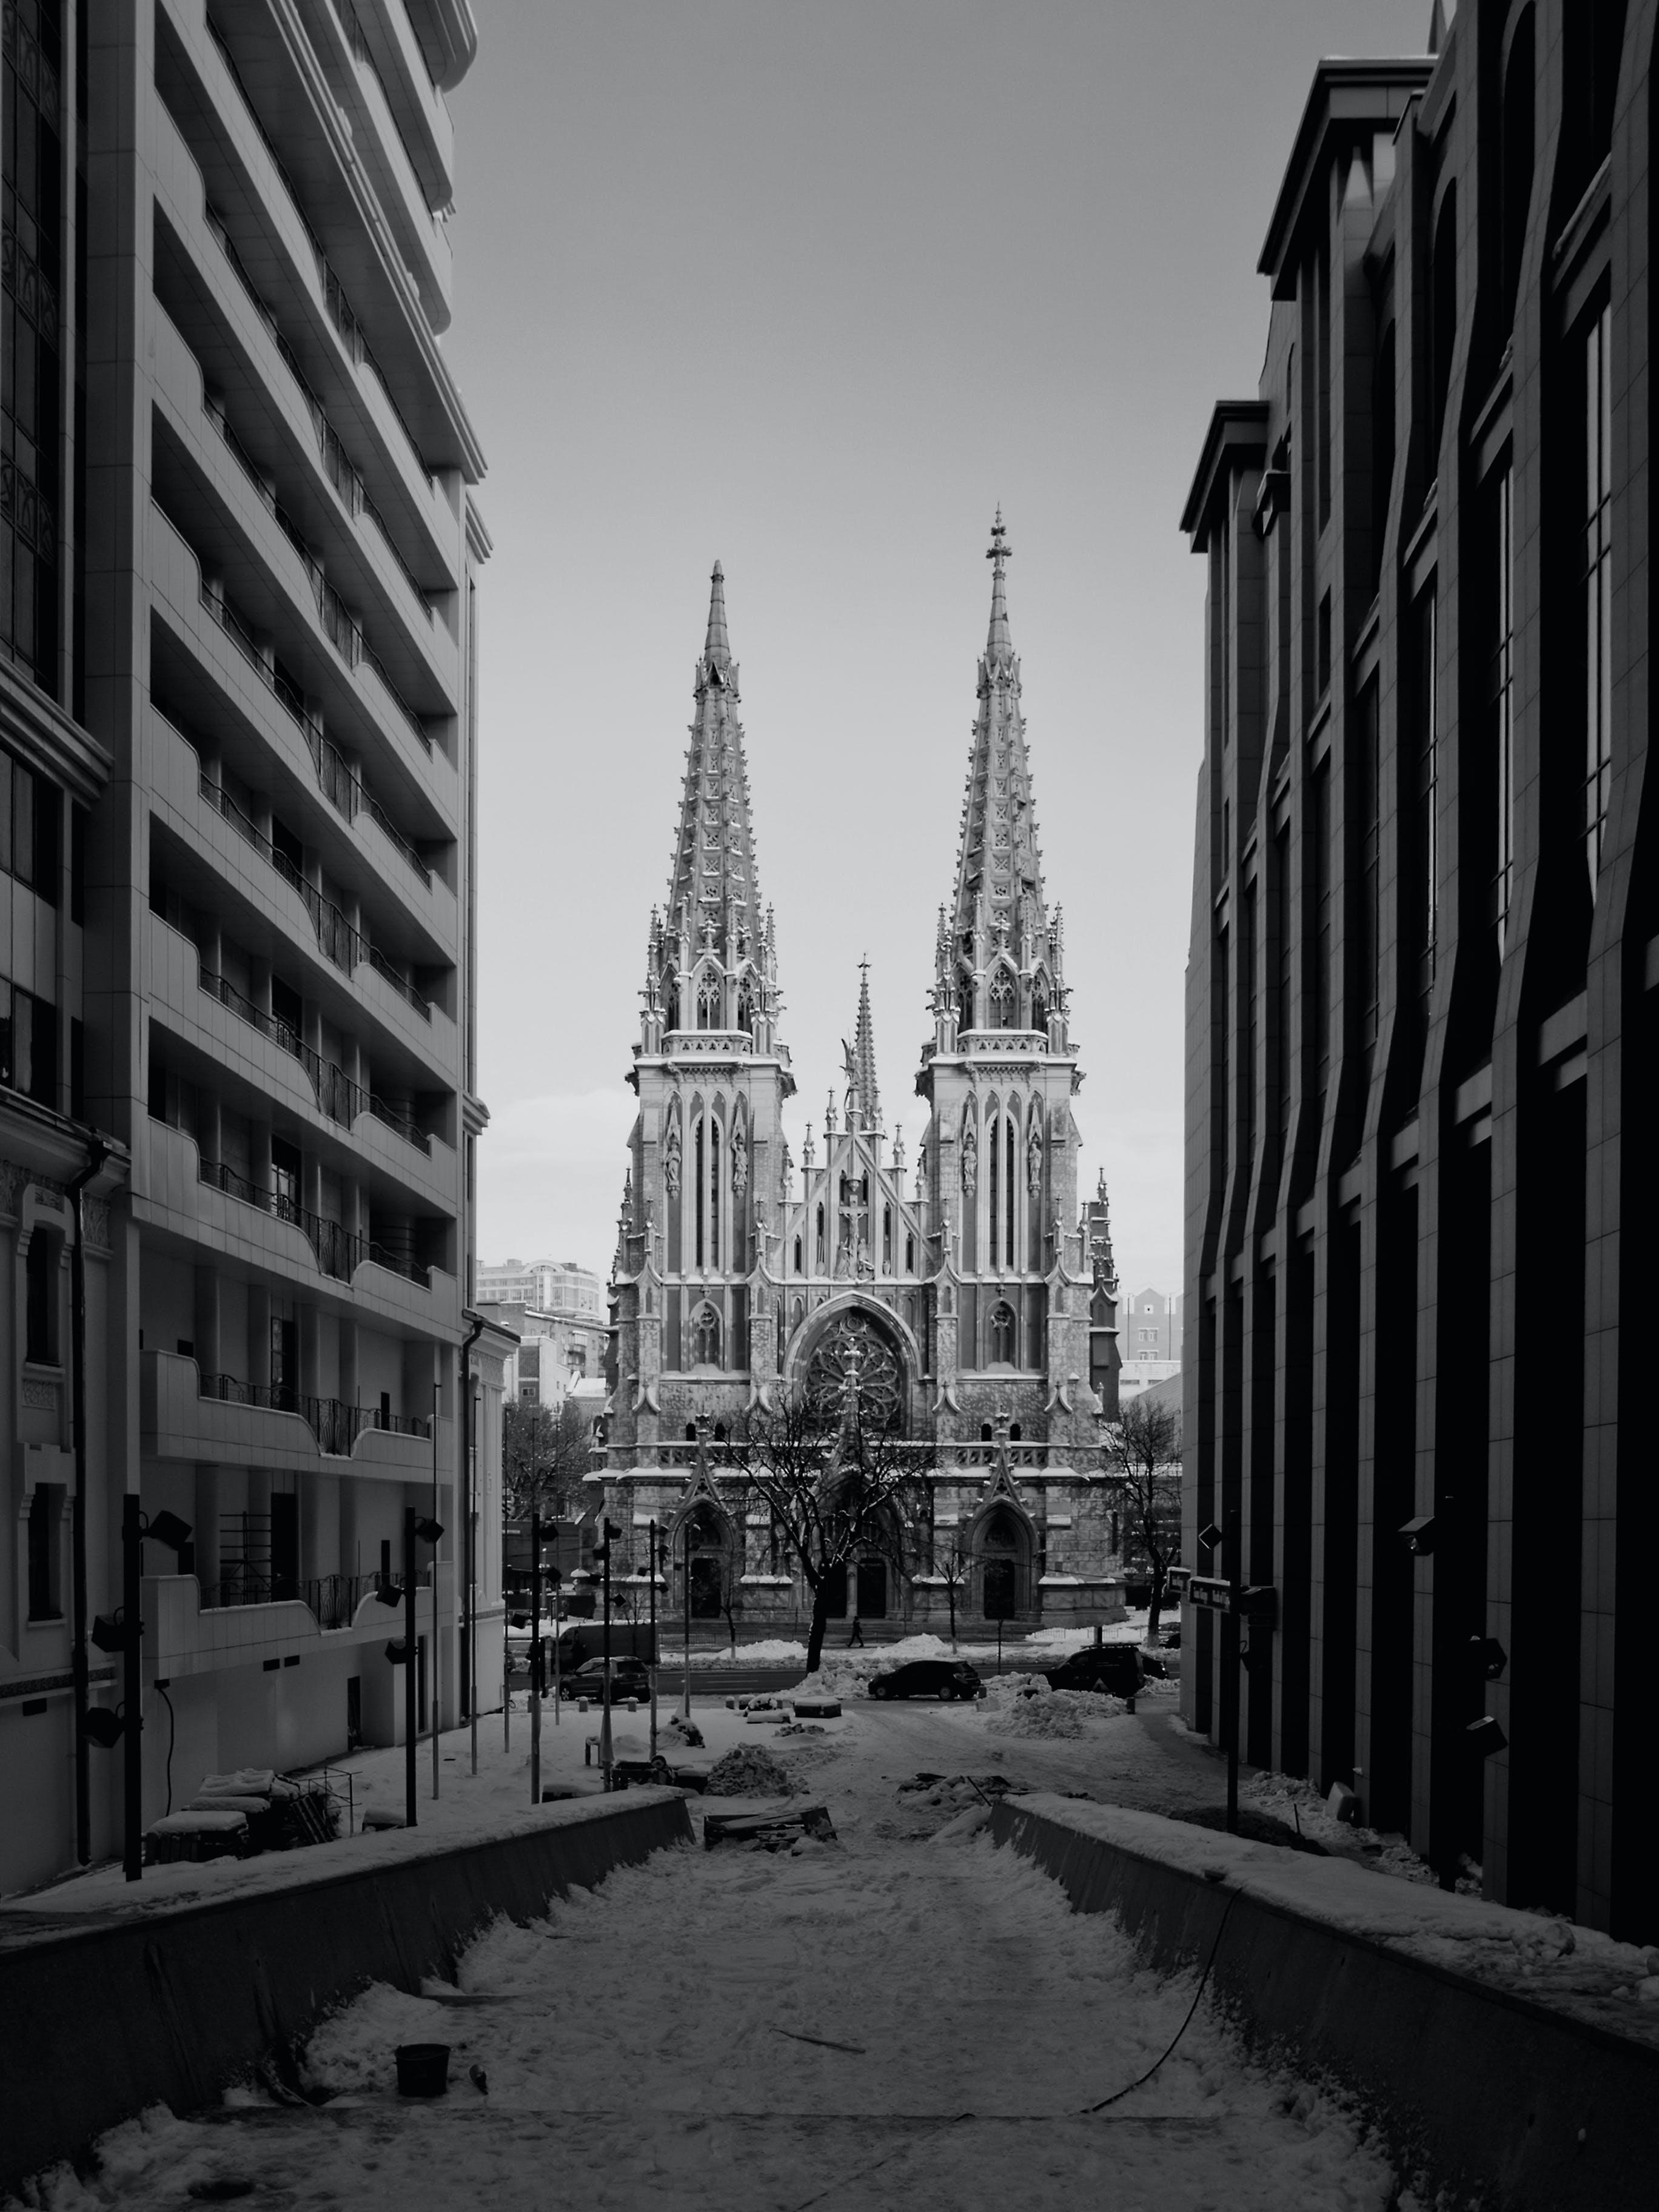 거리, 건물, 건축, 겨울의 무료 스톡 사진